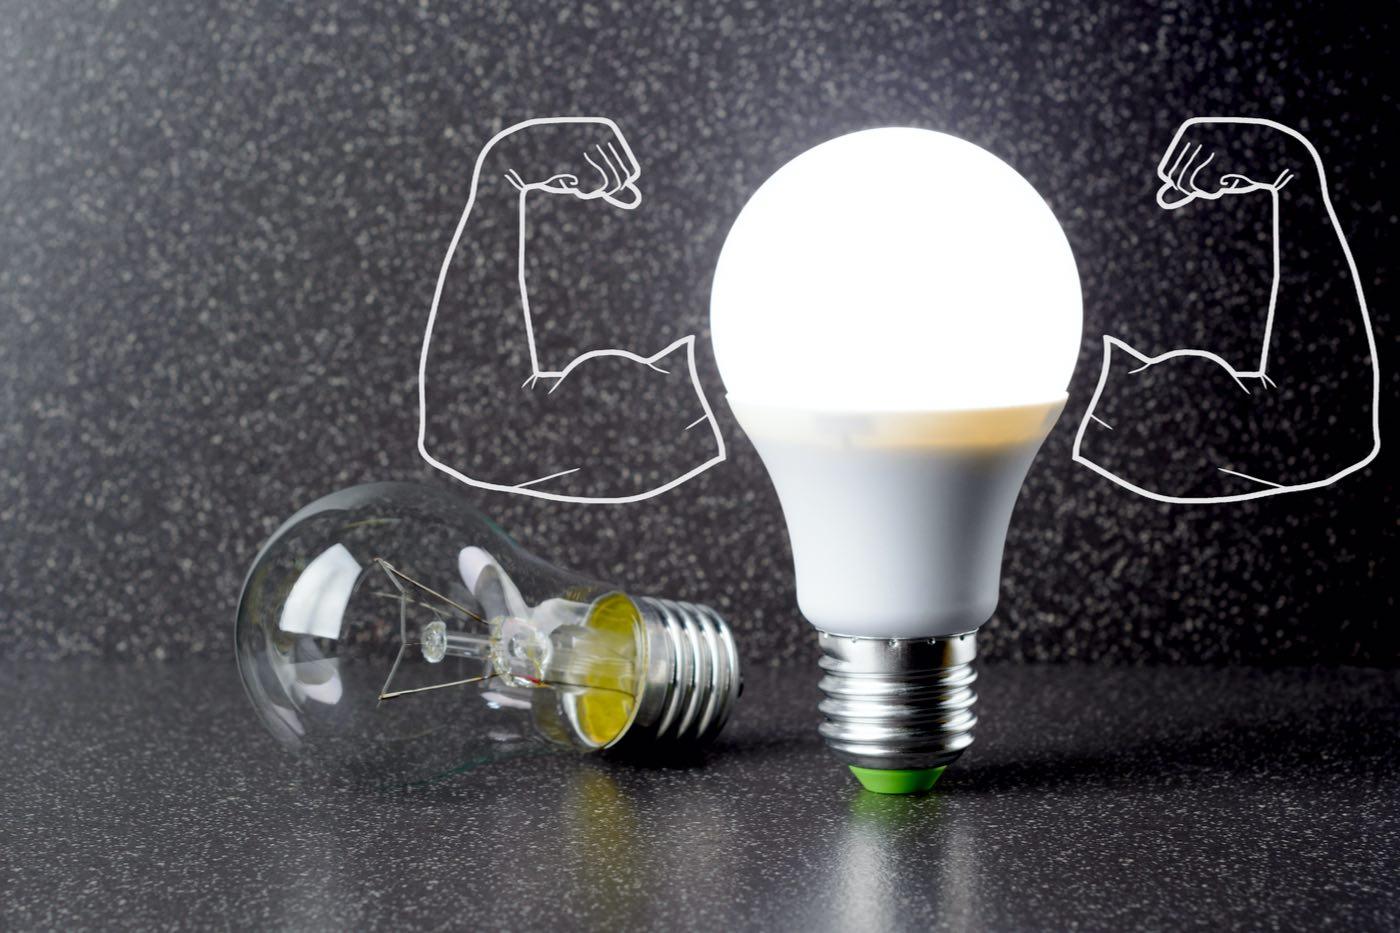 US Lighting Group desarrolla una bombilla UV LED para ayudar a combatir la propagación de patógenos virales como COVID-19